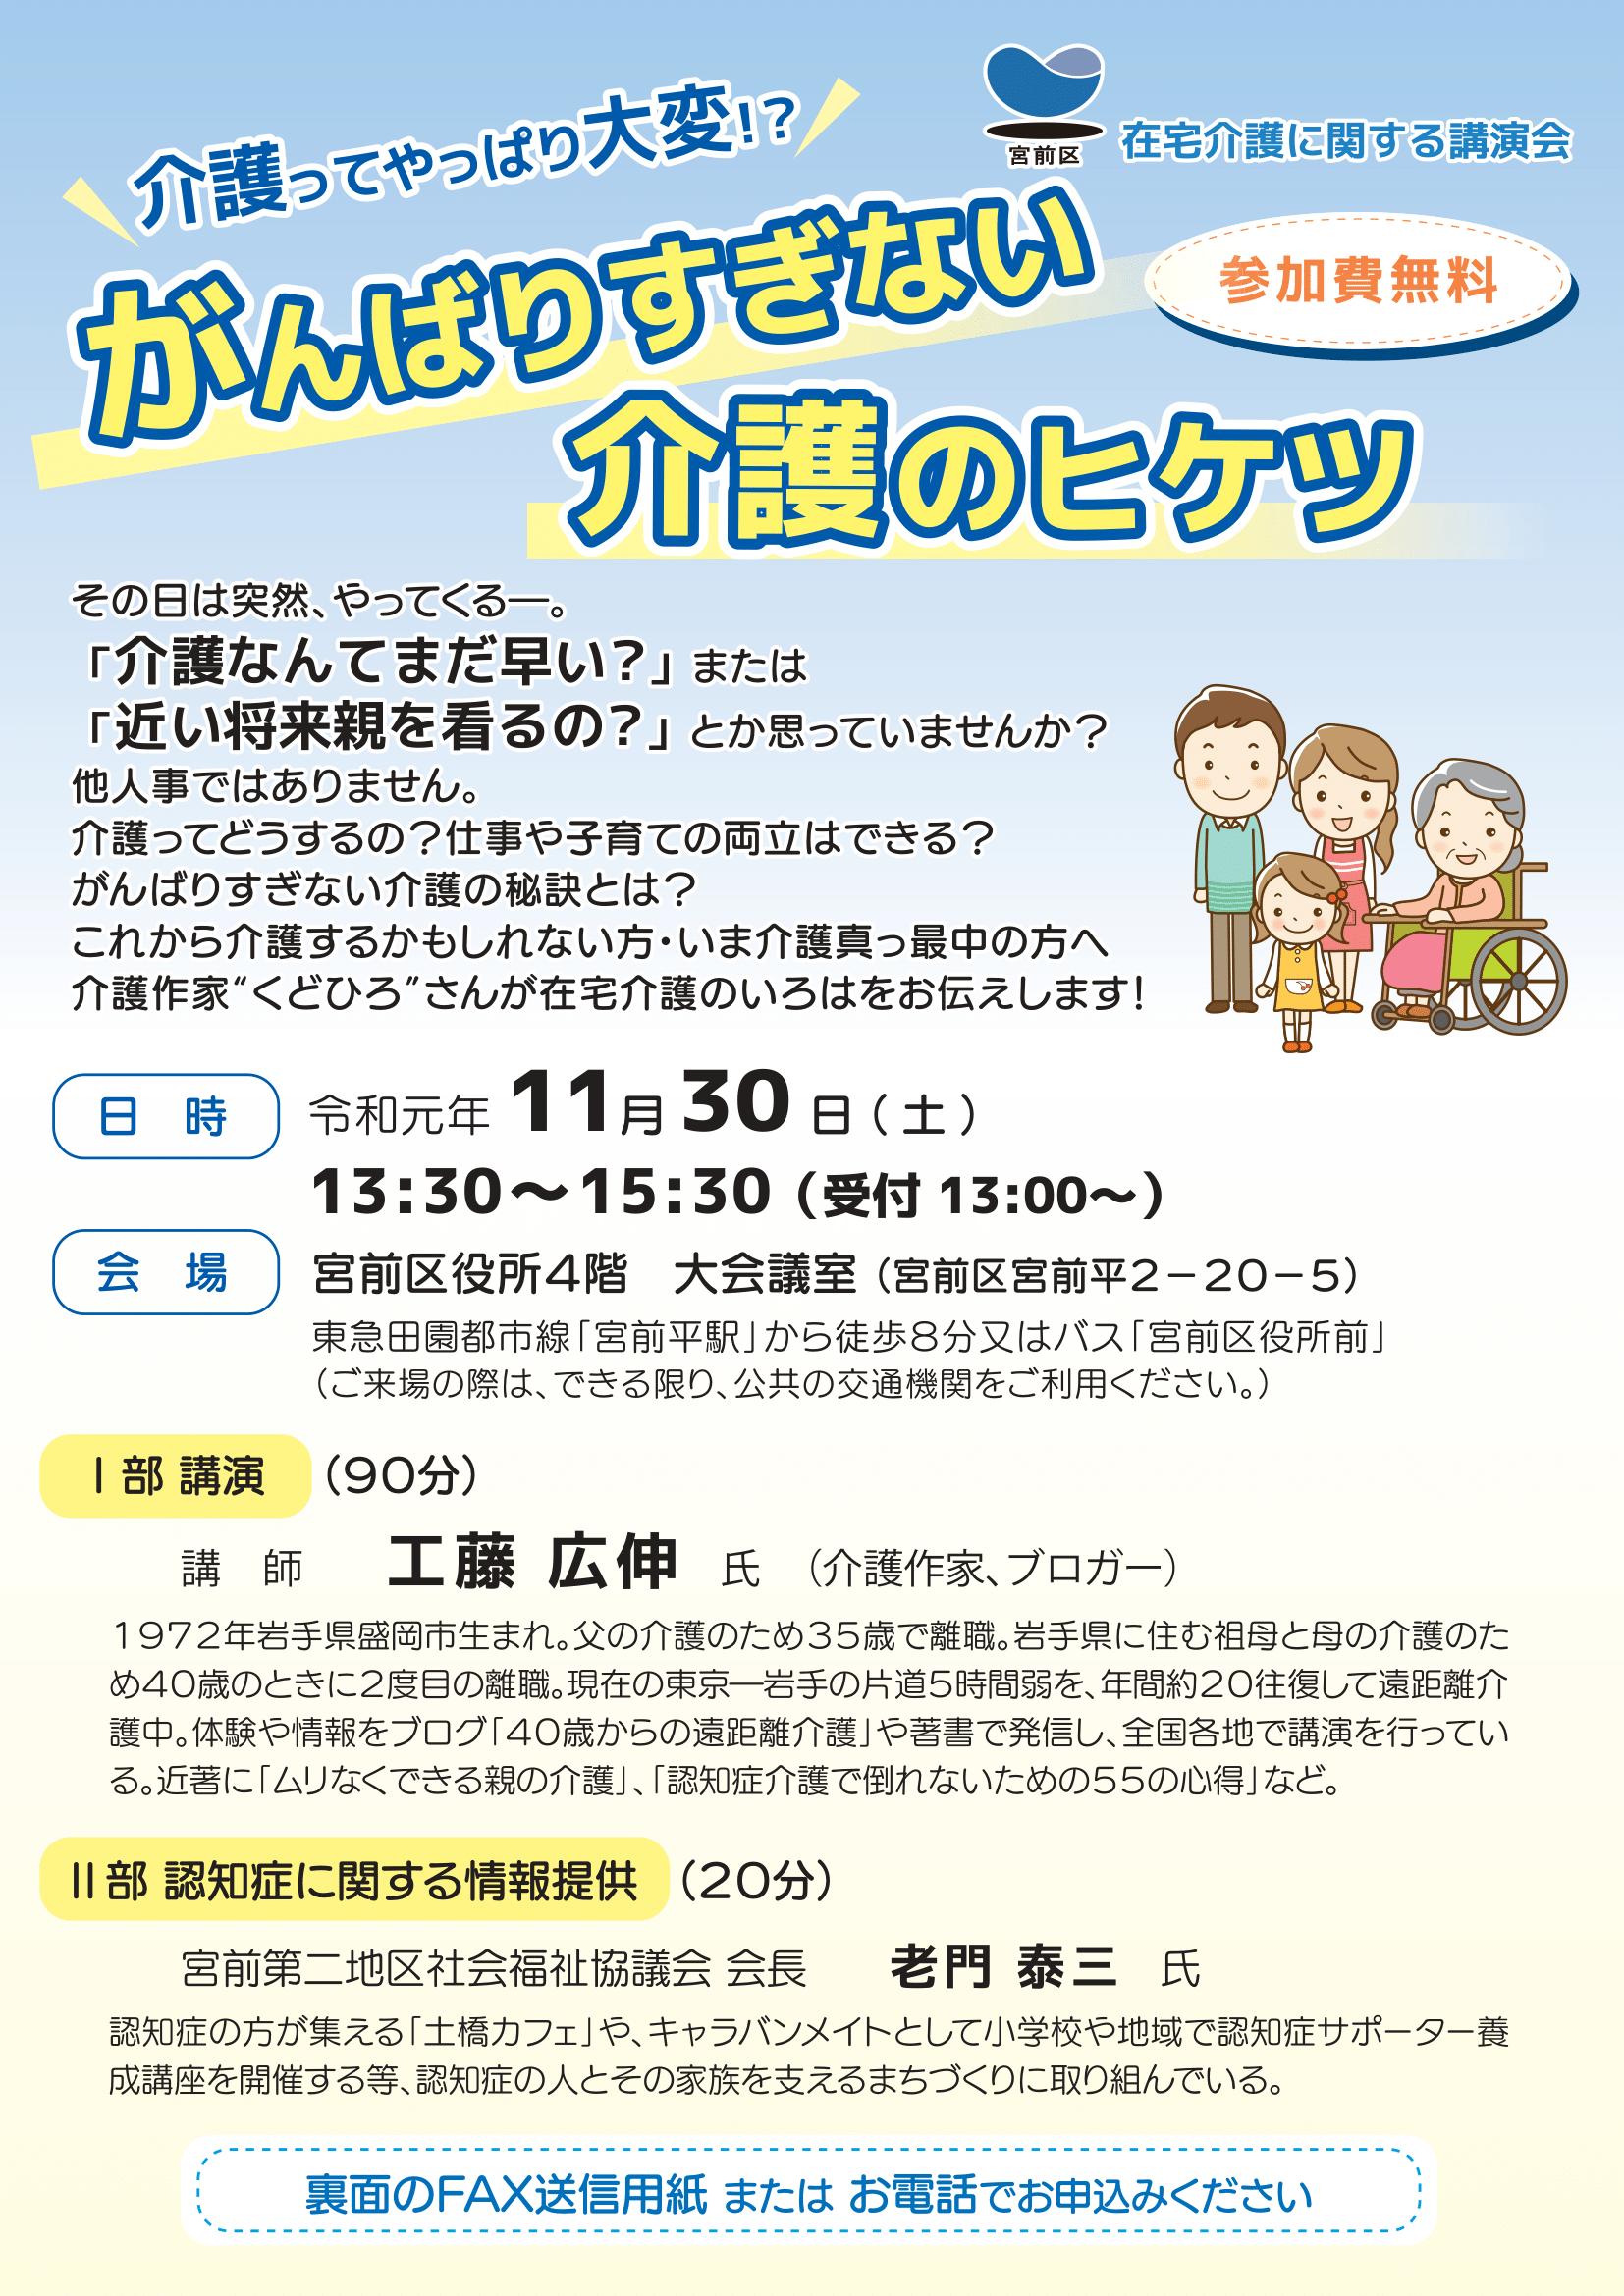 川崎市宮前区介護講演会